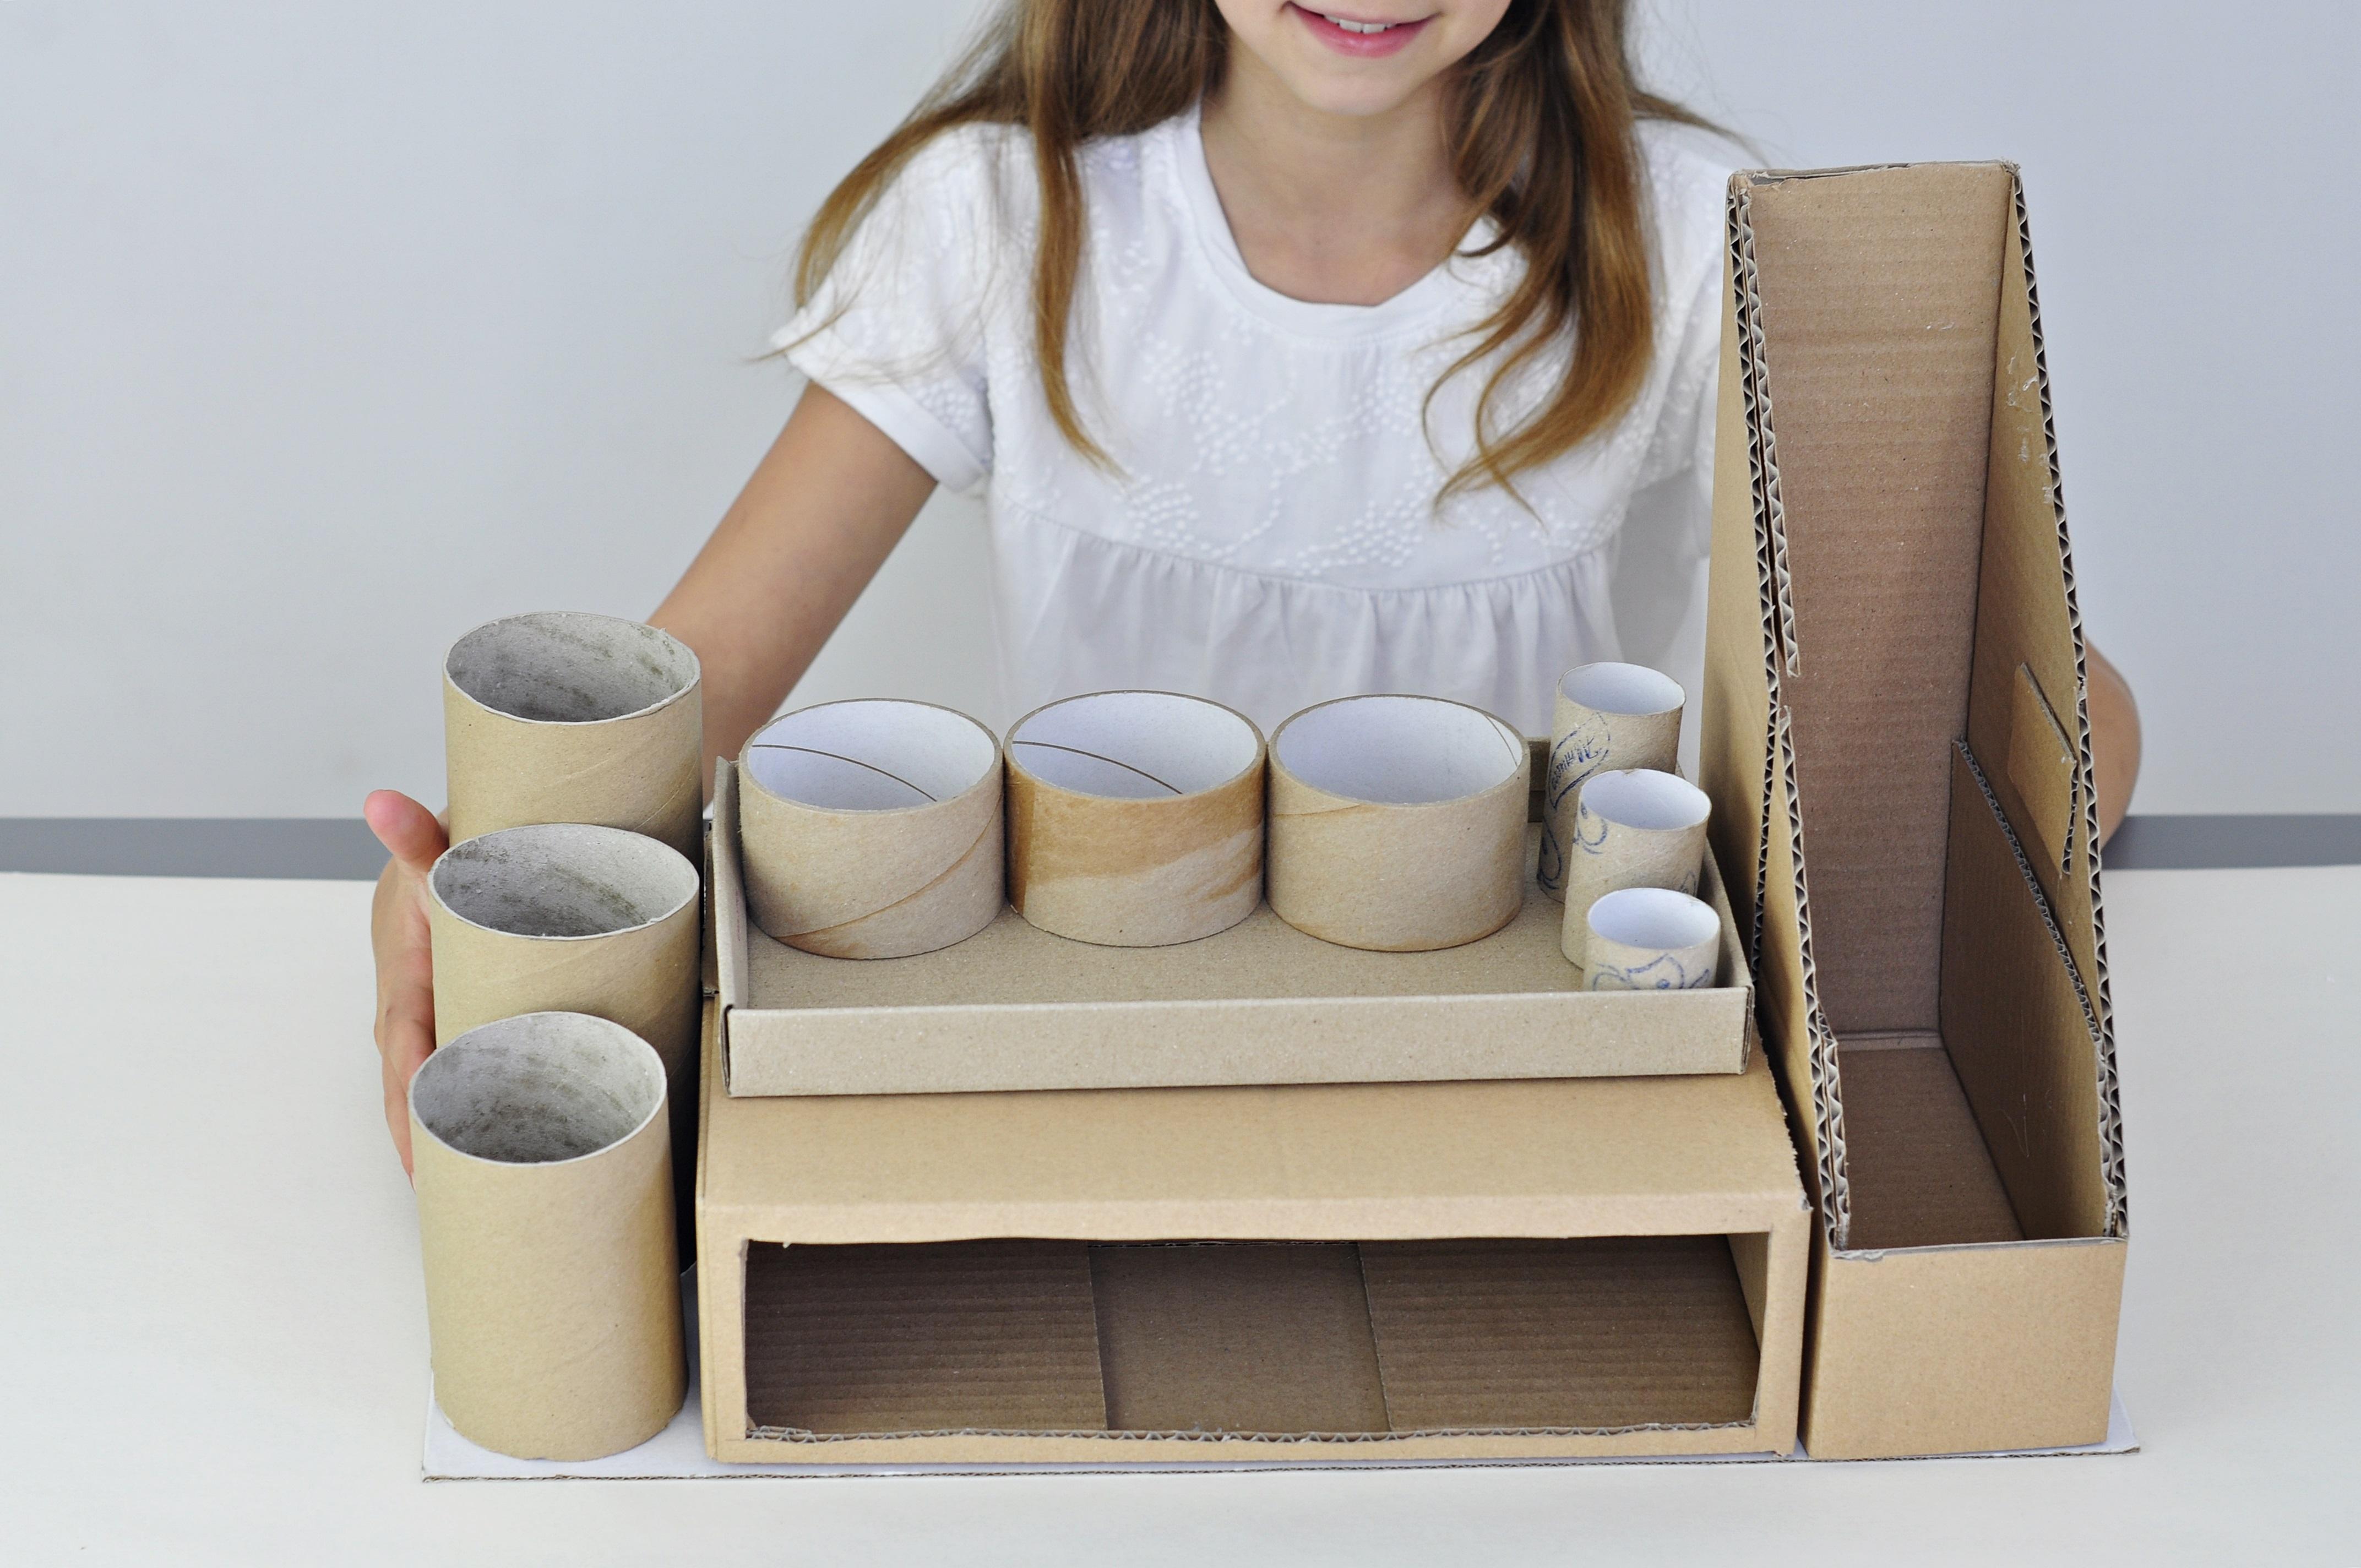 dziecko robiące organizer na biurko